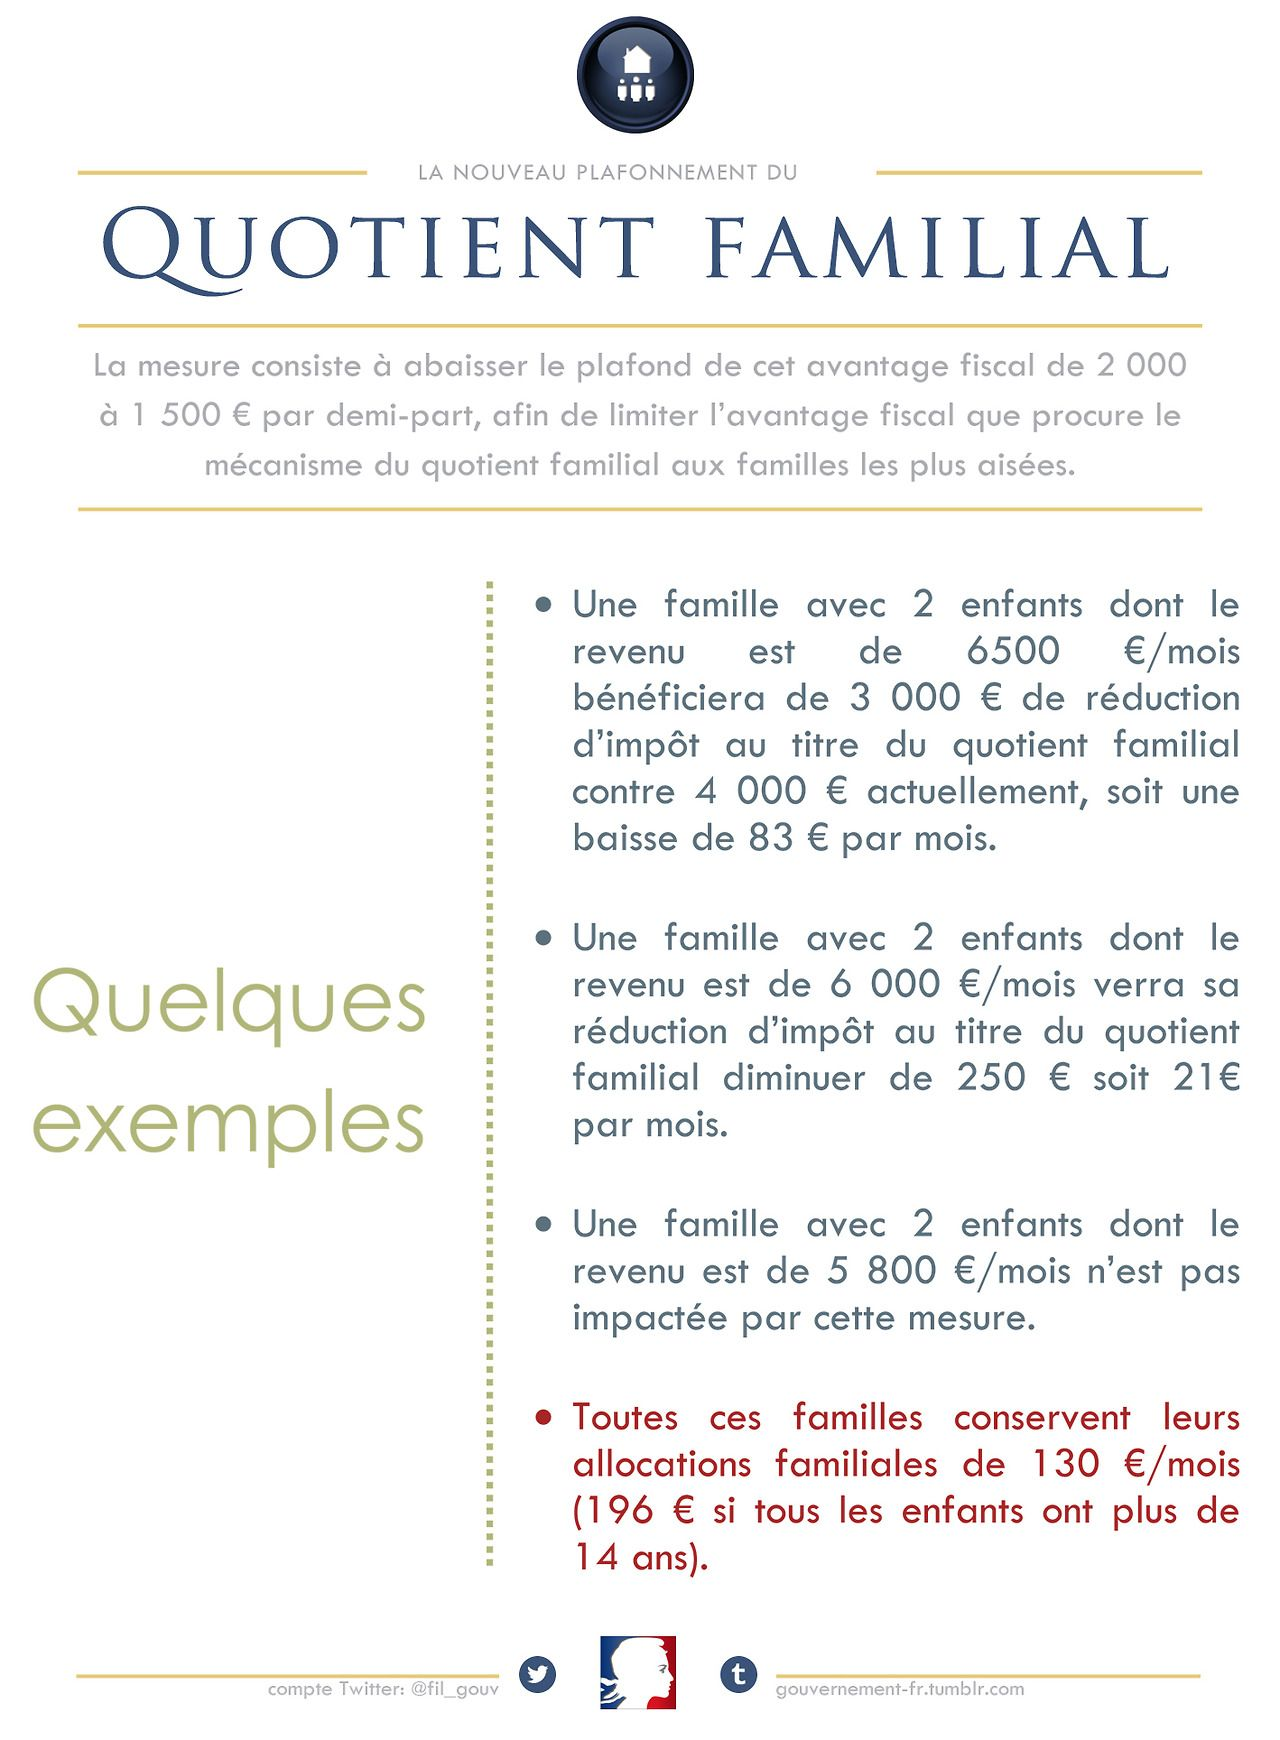 Le Nouveau Plafonnement Du Quotient Familial Des Exemples Concrets Quotient Famille Politique Gouvernem Gouvernement Quotient Familial Politique Publique